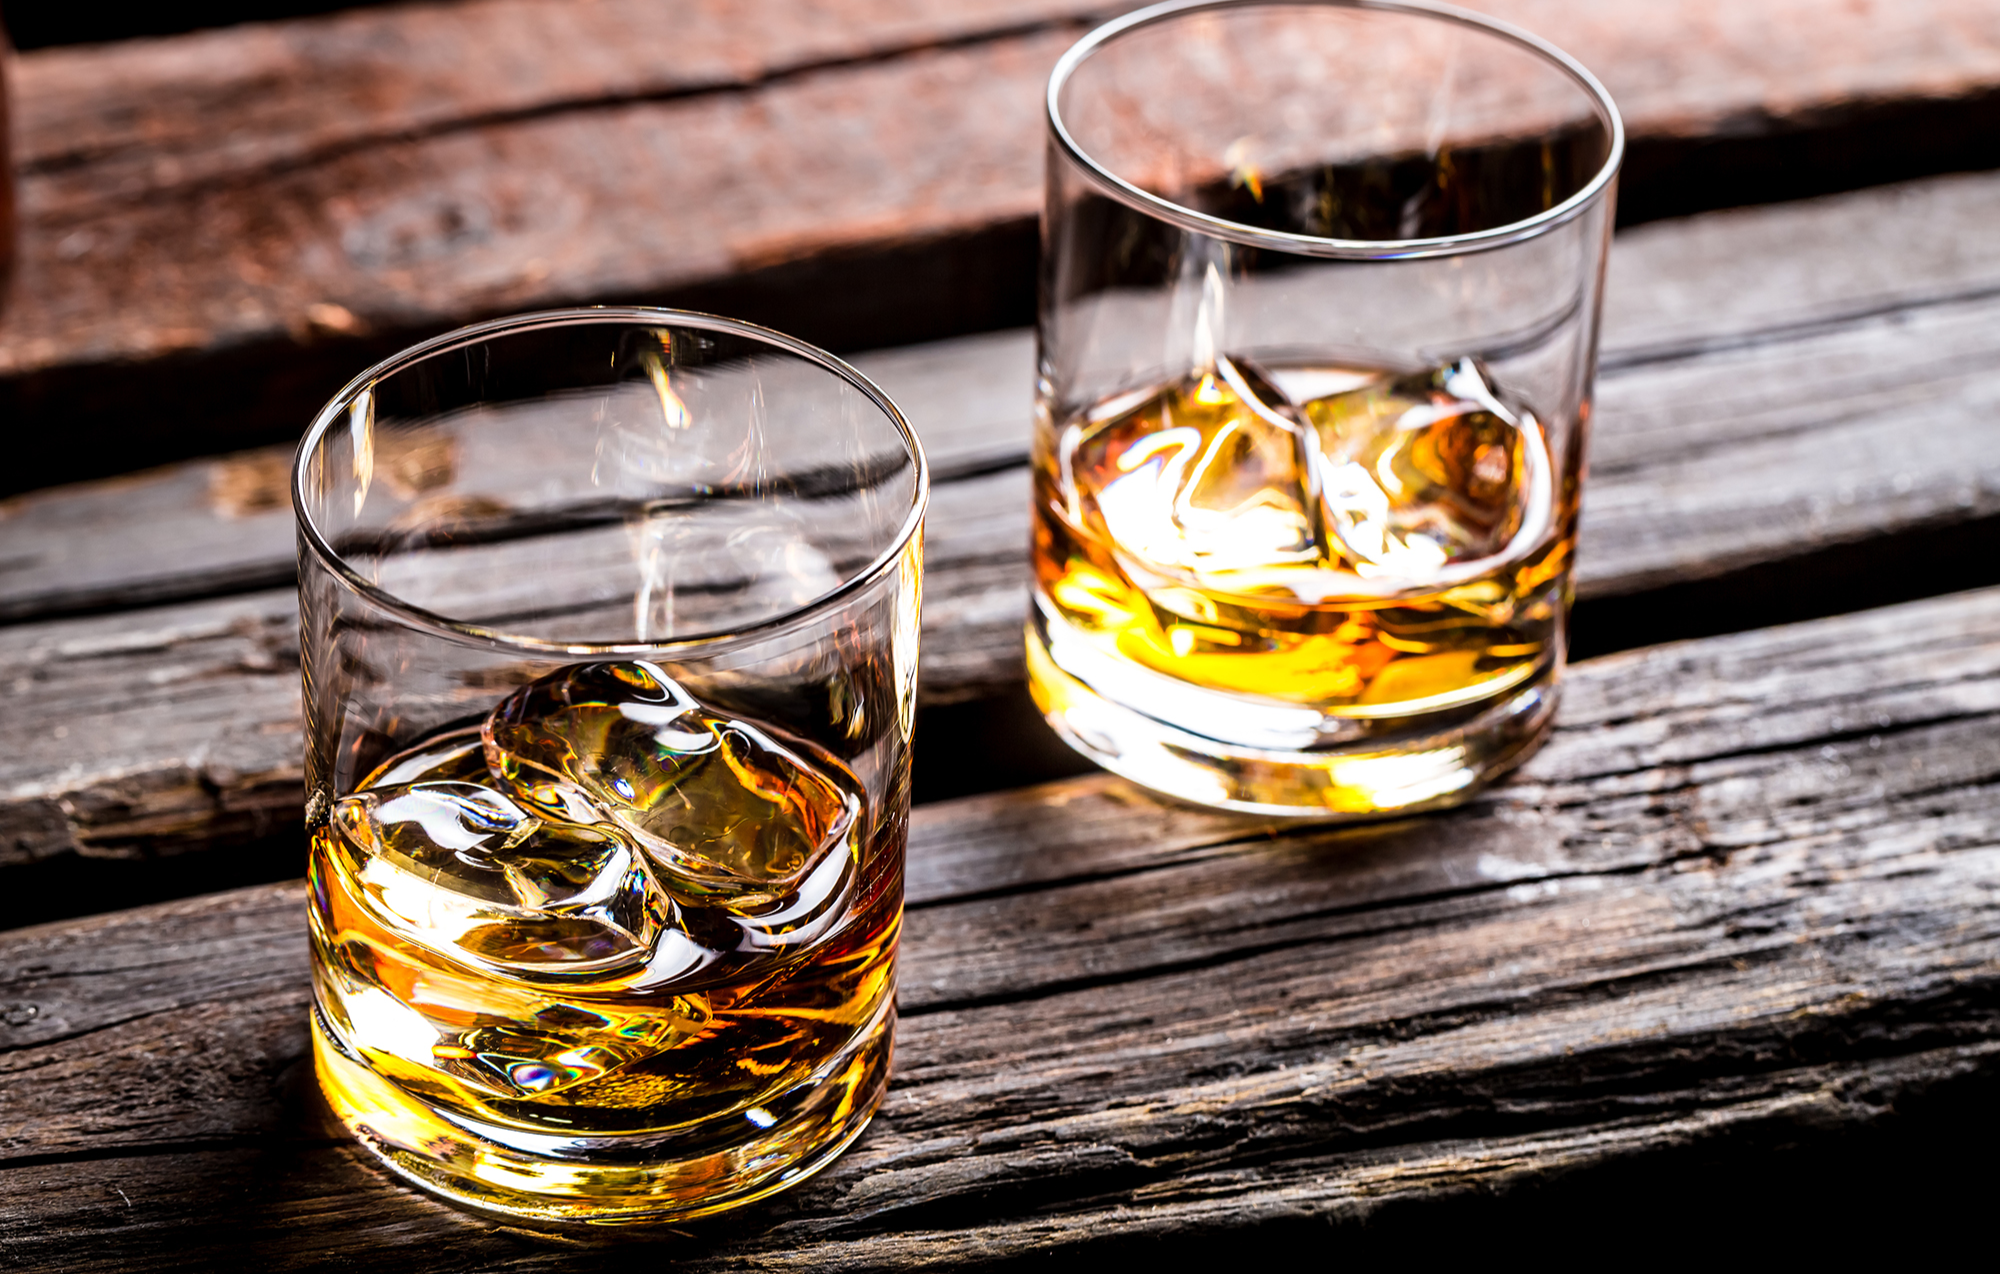 whisky-tasting-online-seminar-bg1